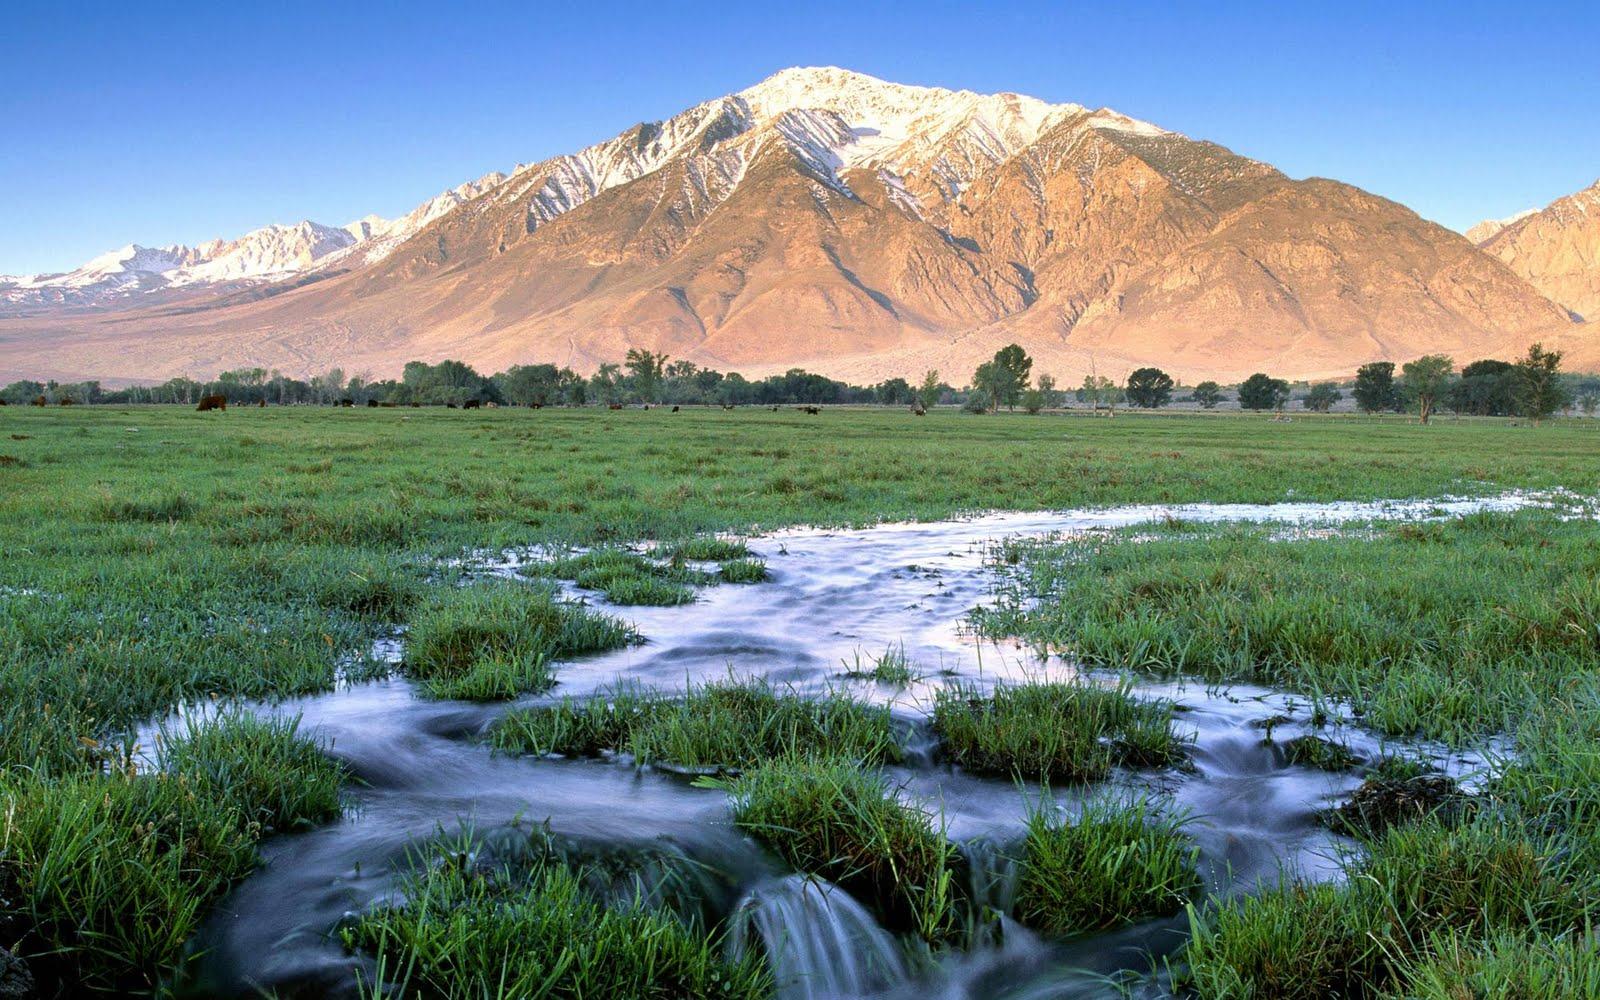 Mountain Landscape - 1920 X 1200